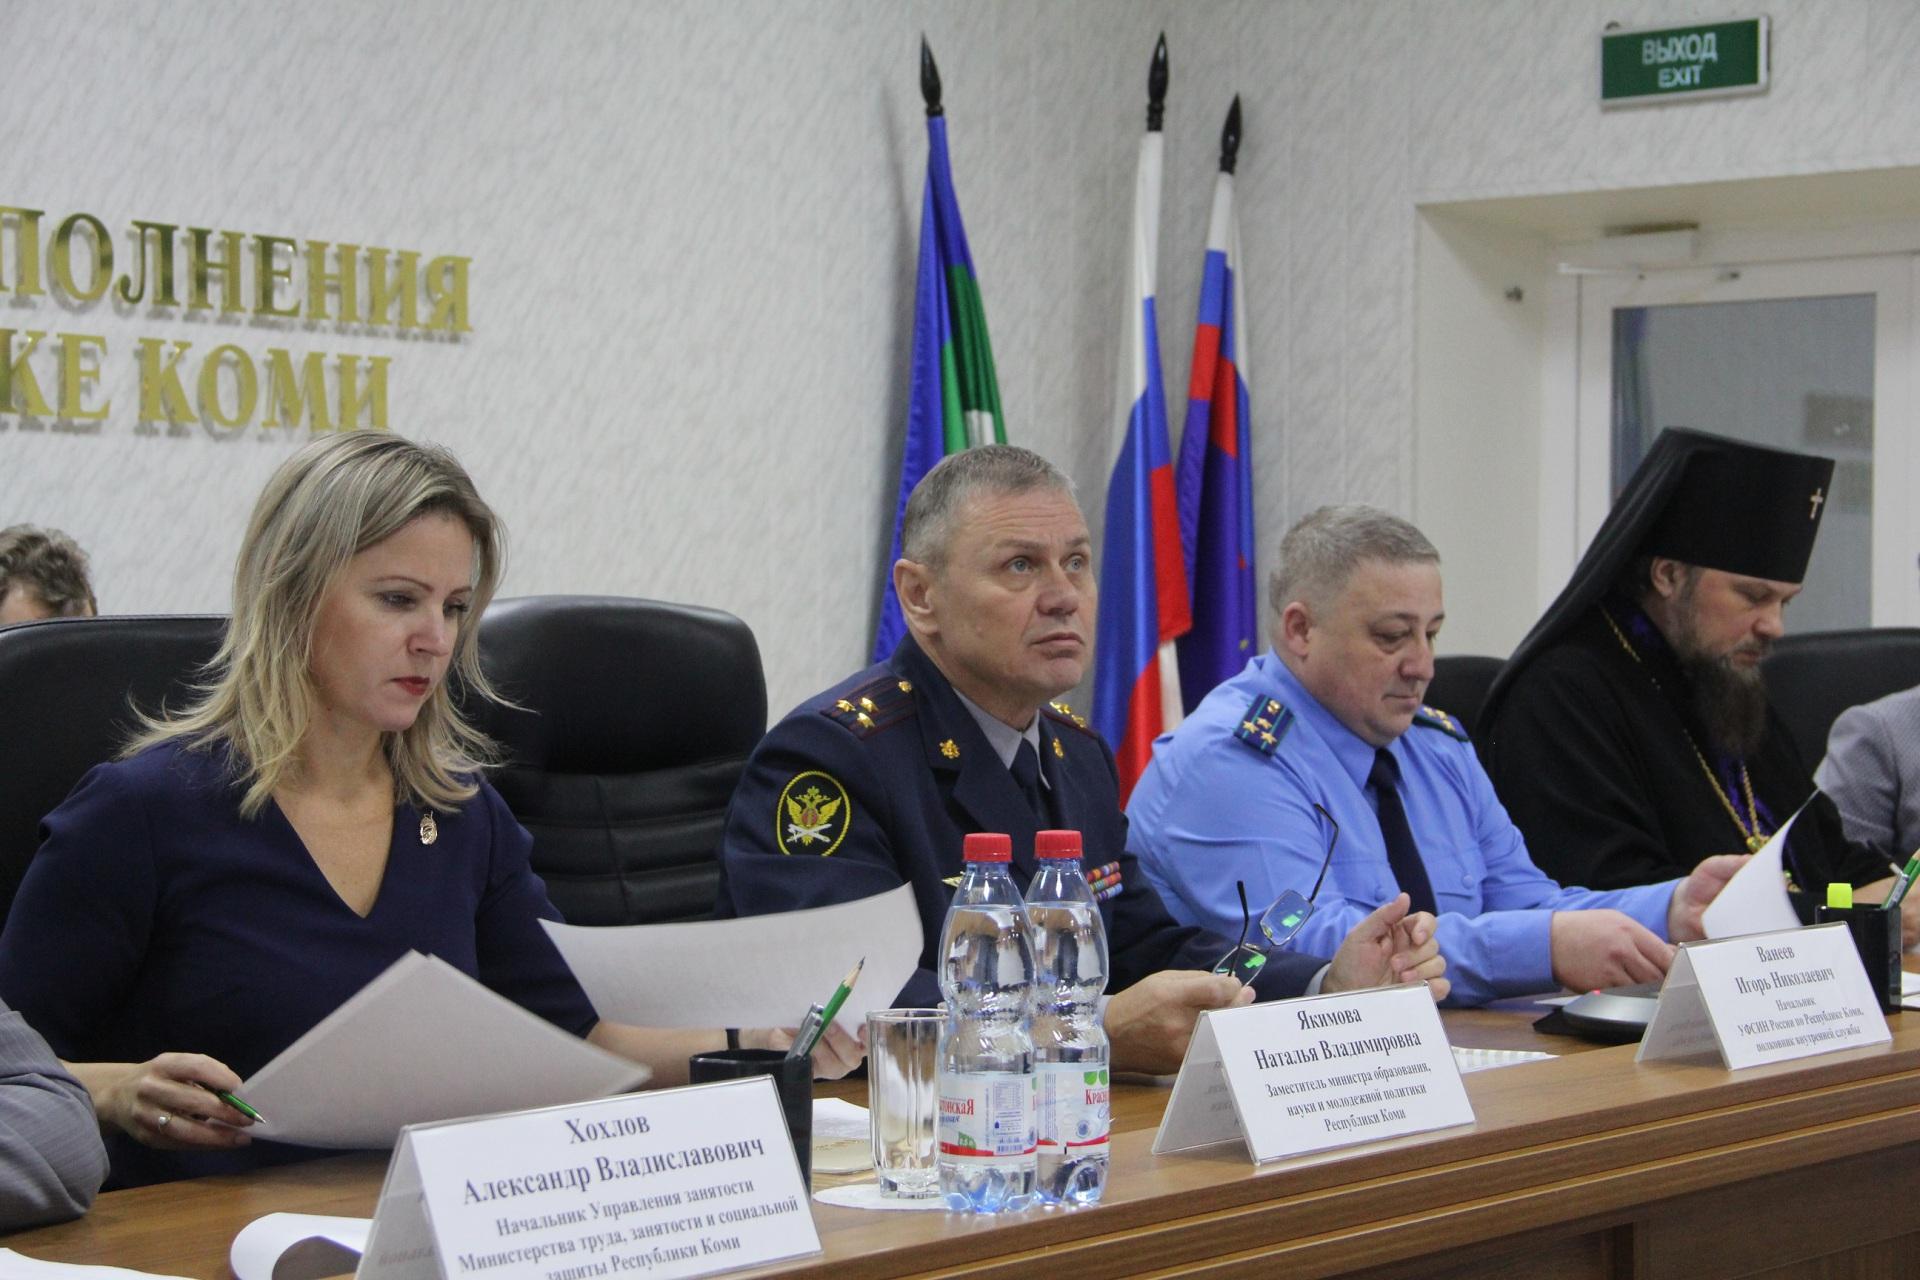 Образование и сохранение социальных связей помогают осужденным в Коми встать на путь исправления